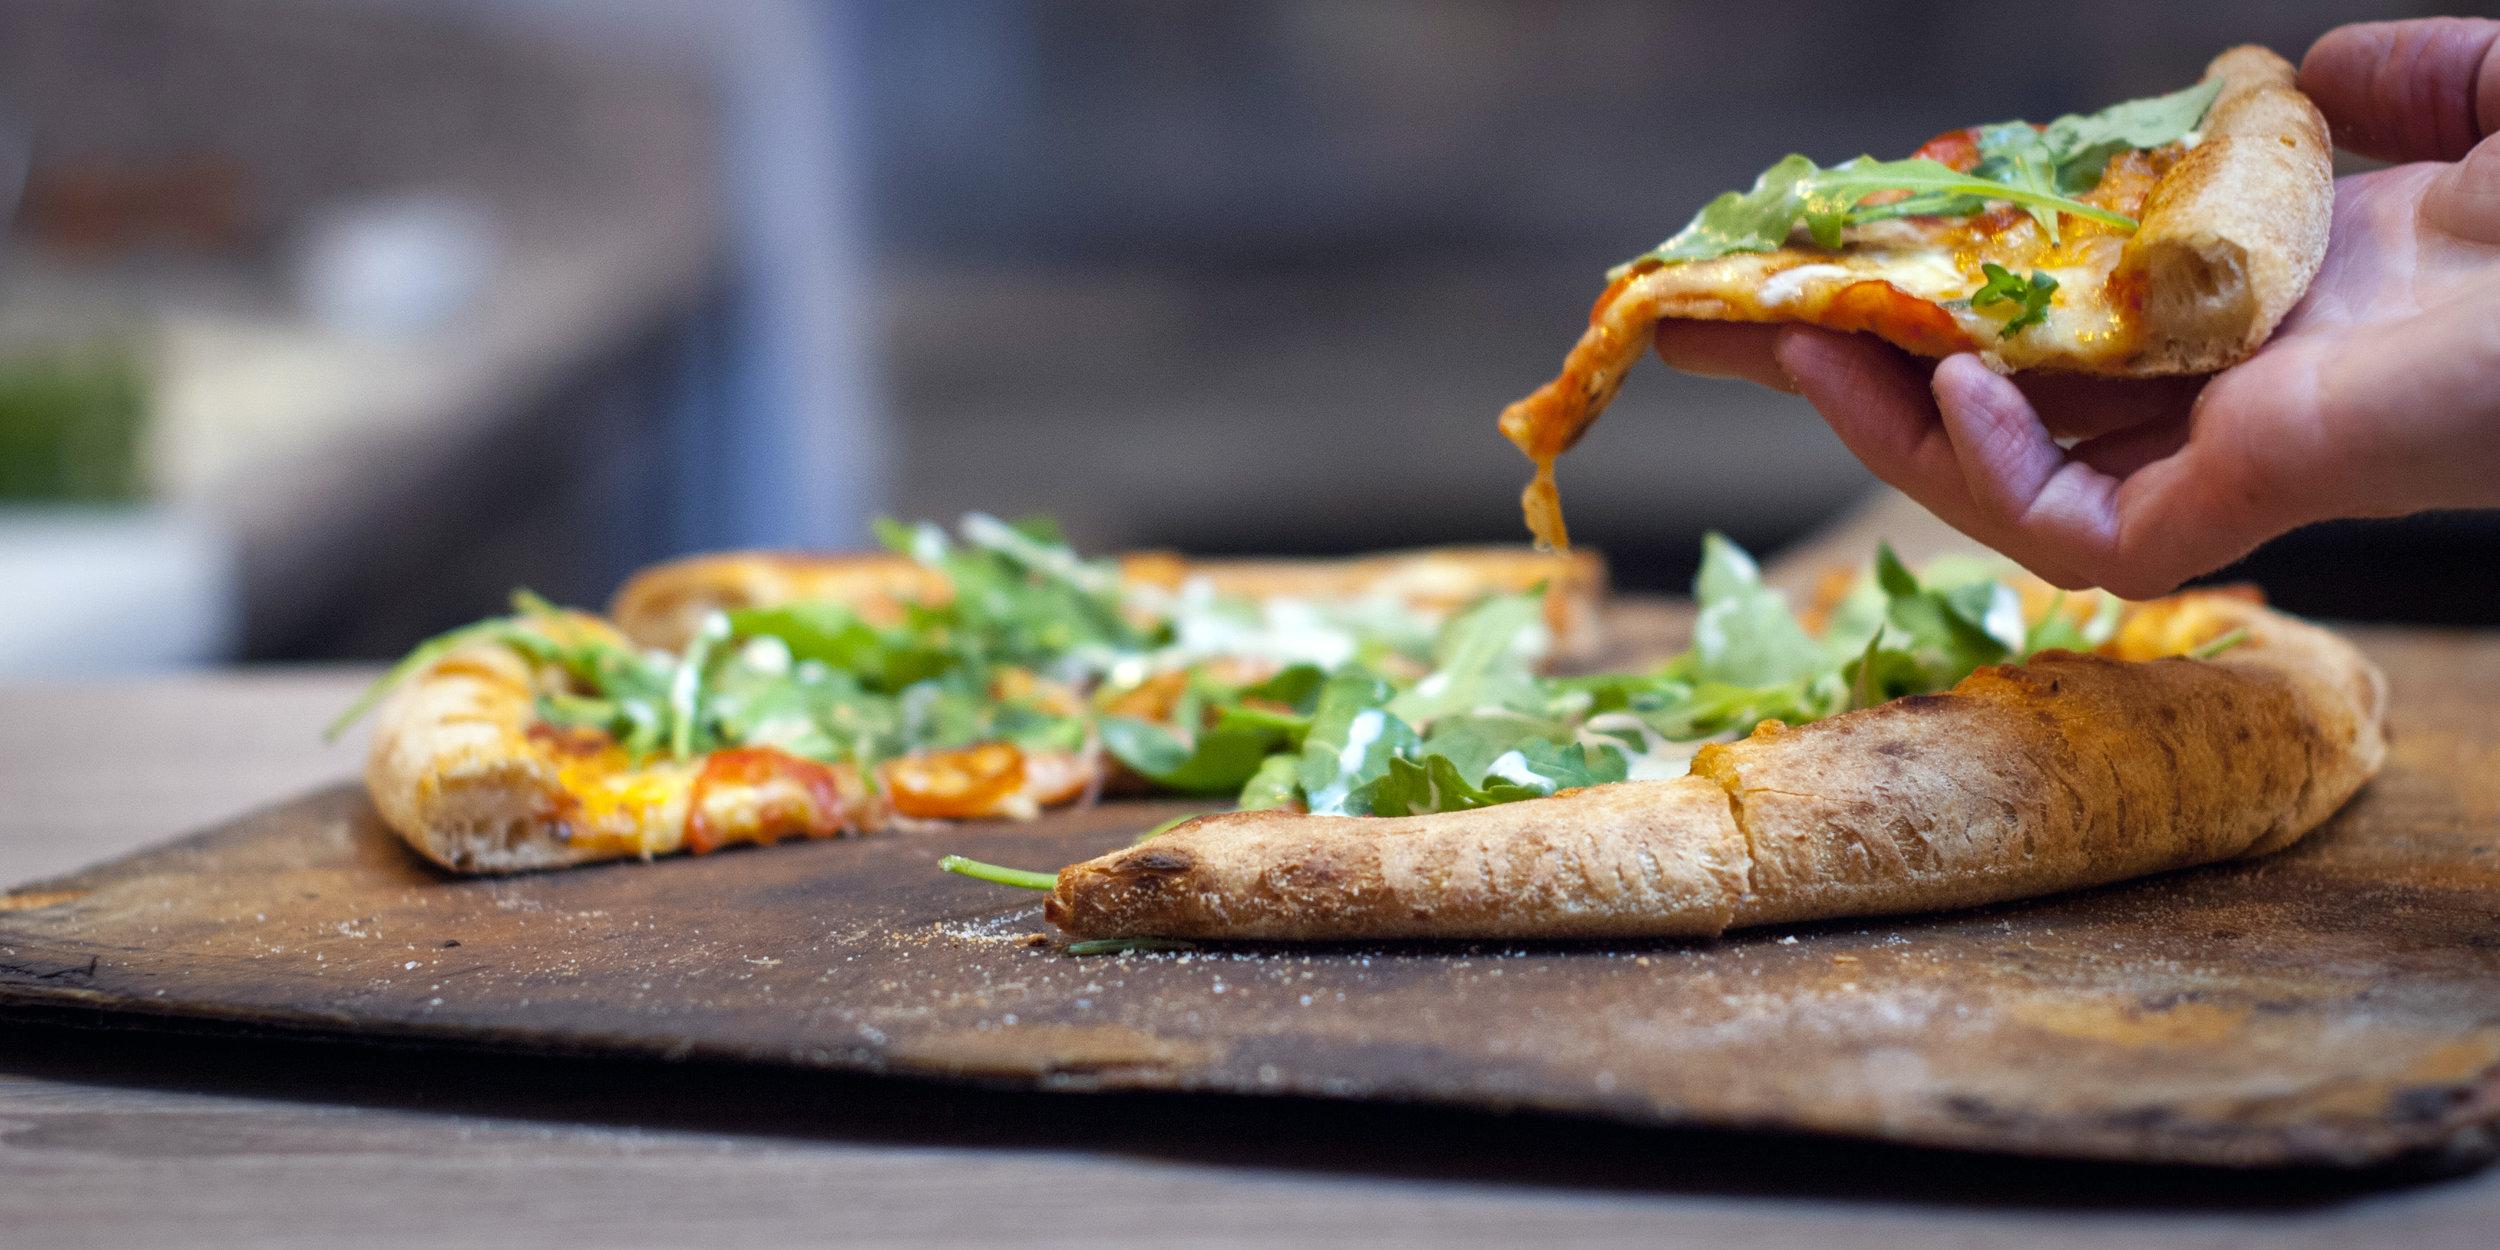 pizza italian 3 2x1 foto Lise von Krogh.jpg